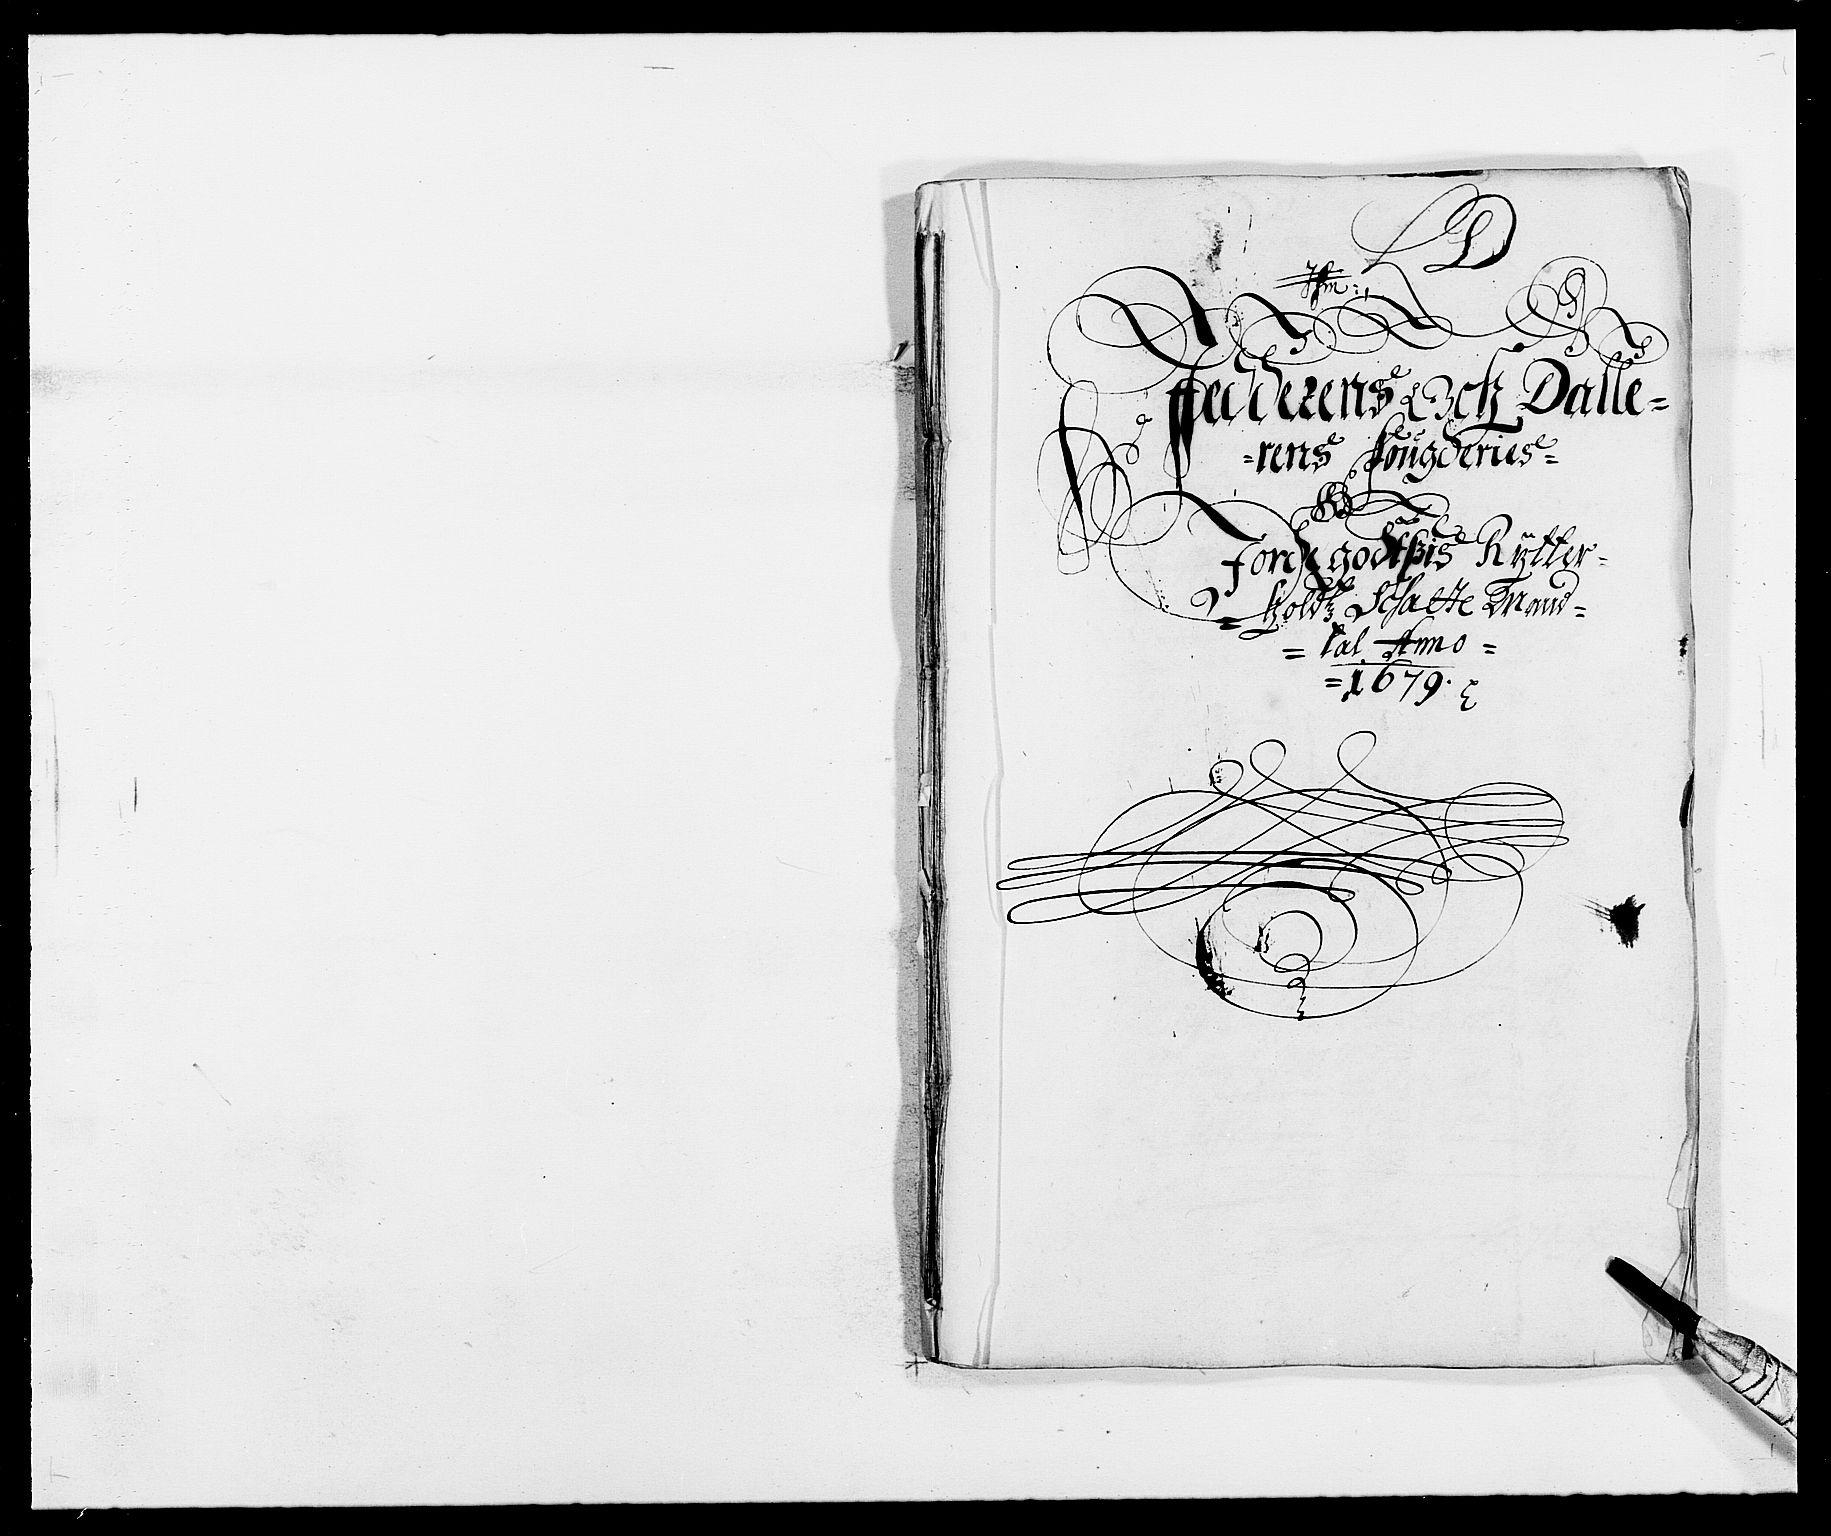 RA, Rentekammeret inntil 1814, Reviderte regnskaper, Fogderegnskap, R46/L2719: Fogderegnskap Jæren og Dalane, 1679, s. 105